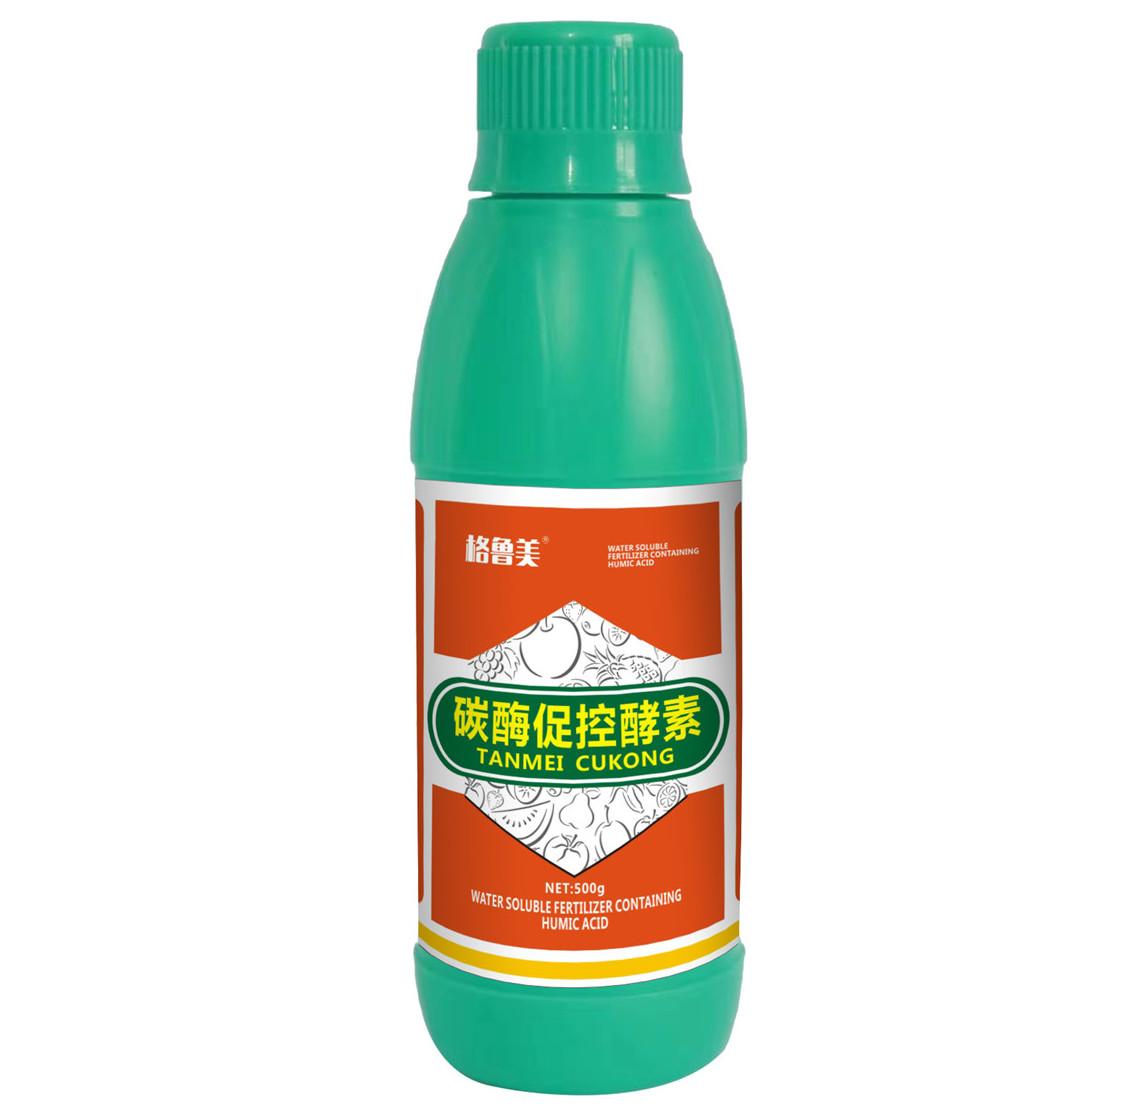 河南冲施肥代理-含腐植酸水溶肥